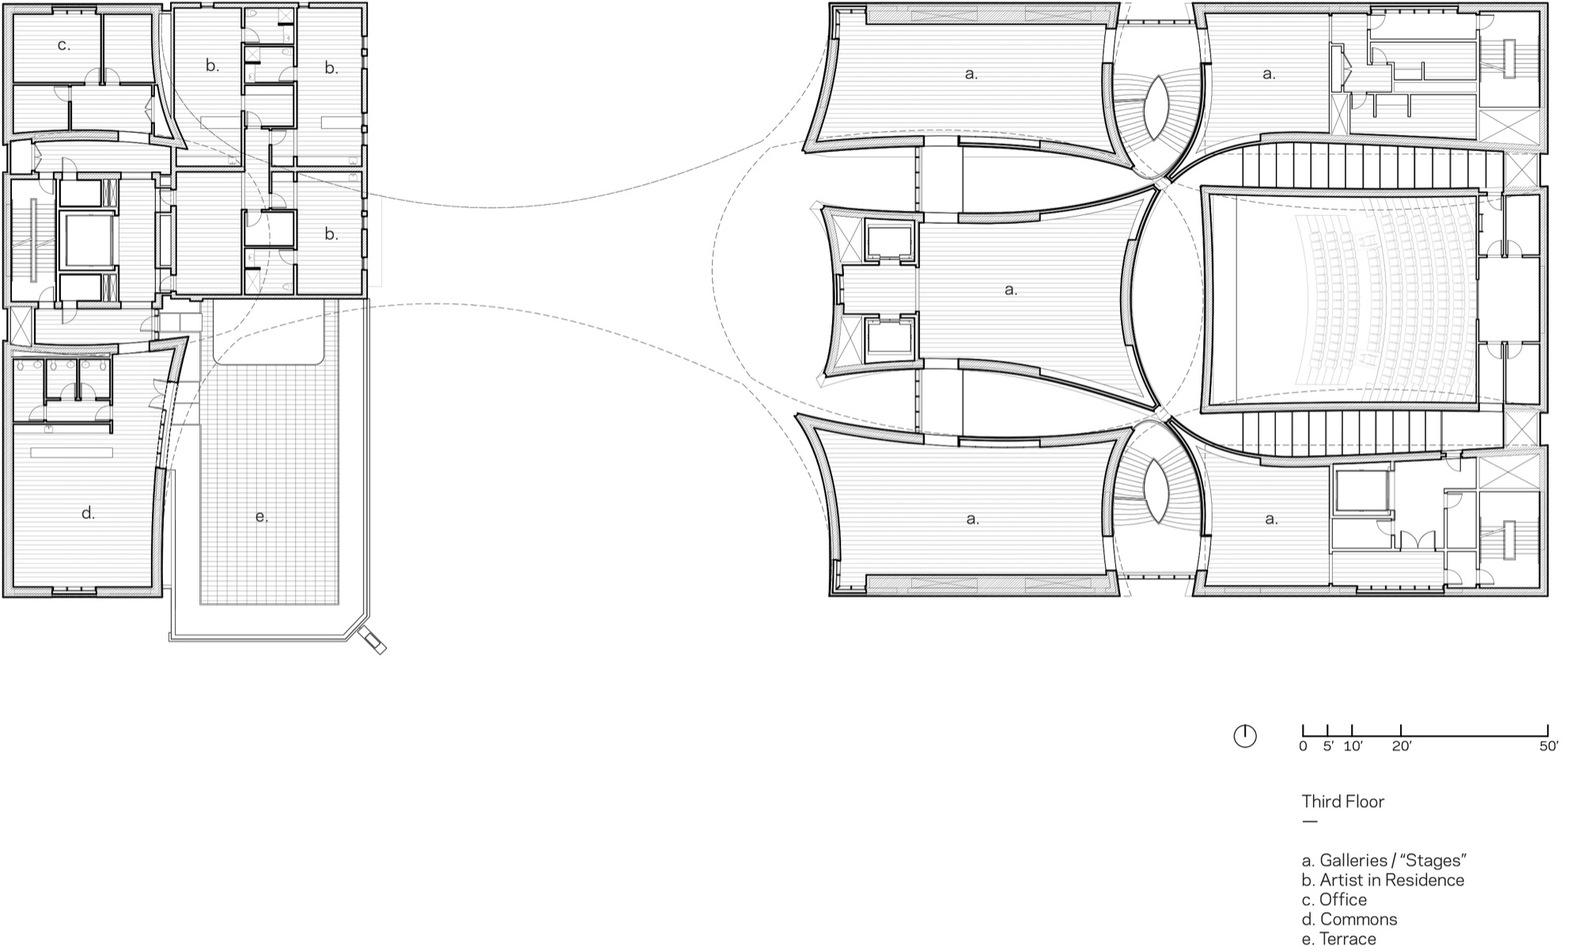 NMC_pres_floor plans_3_161017